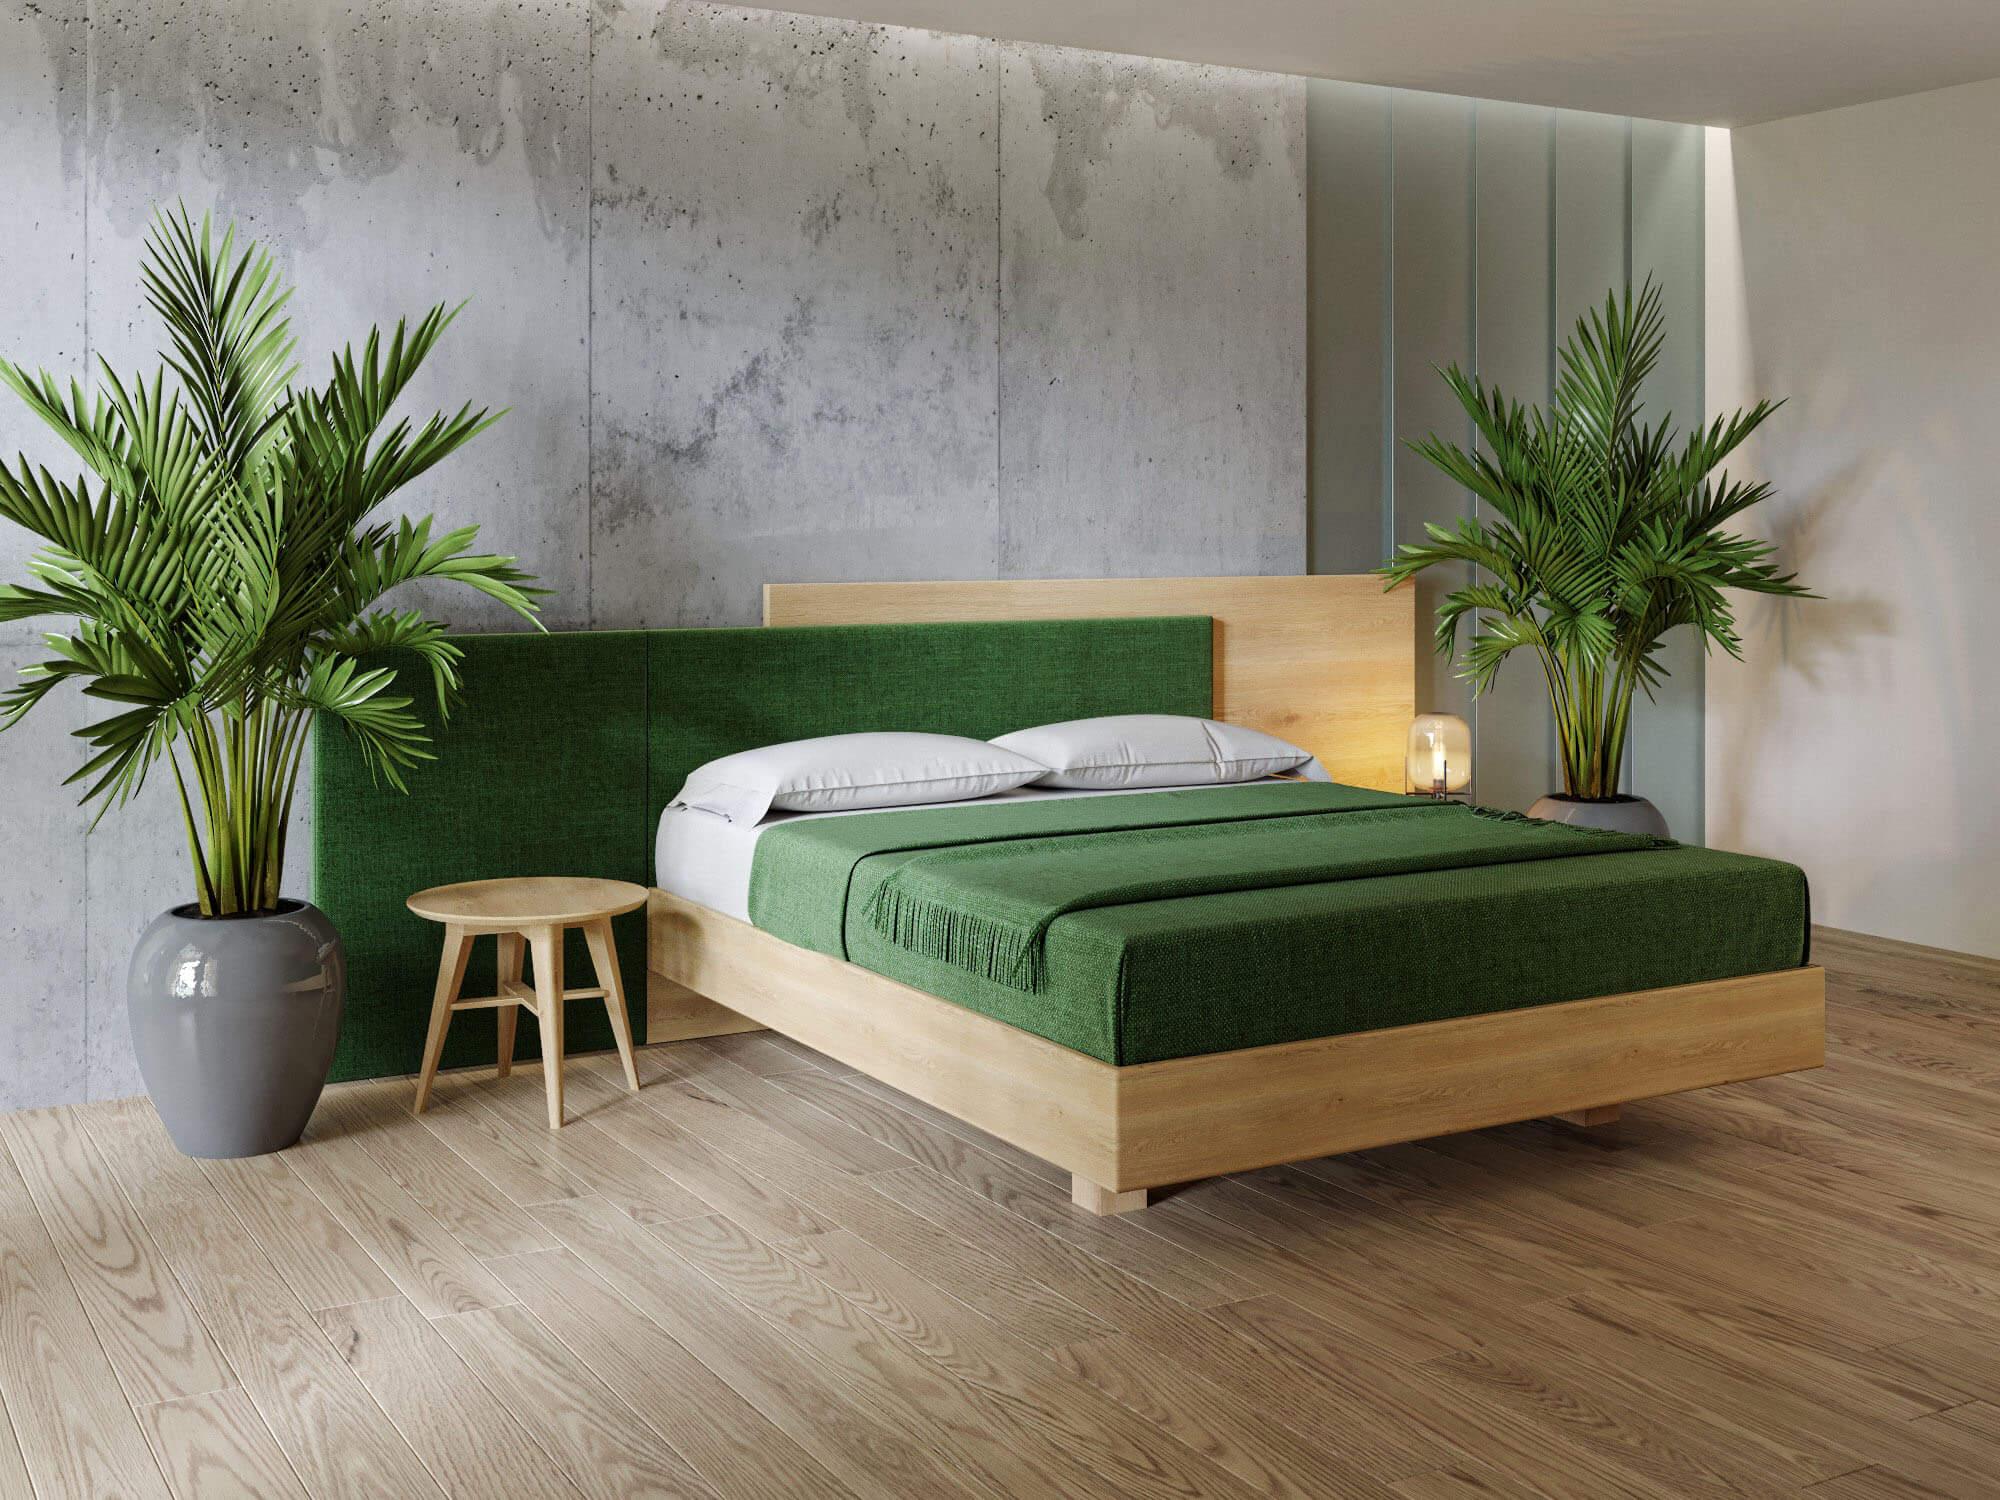 Двуспальная кровать LEON из массива дуба от hbm-art